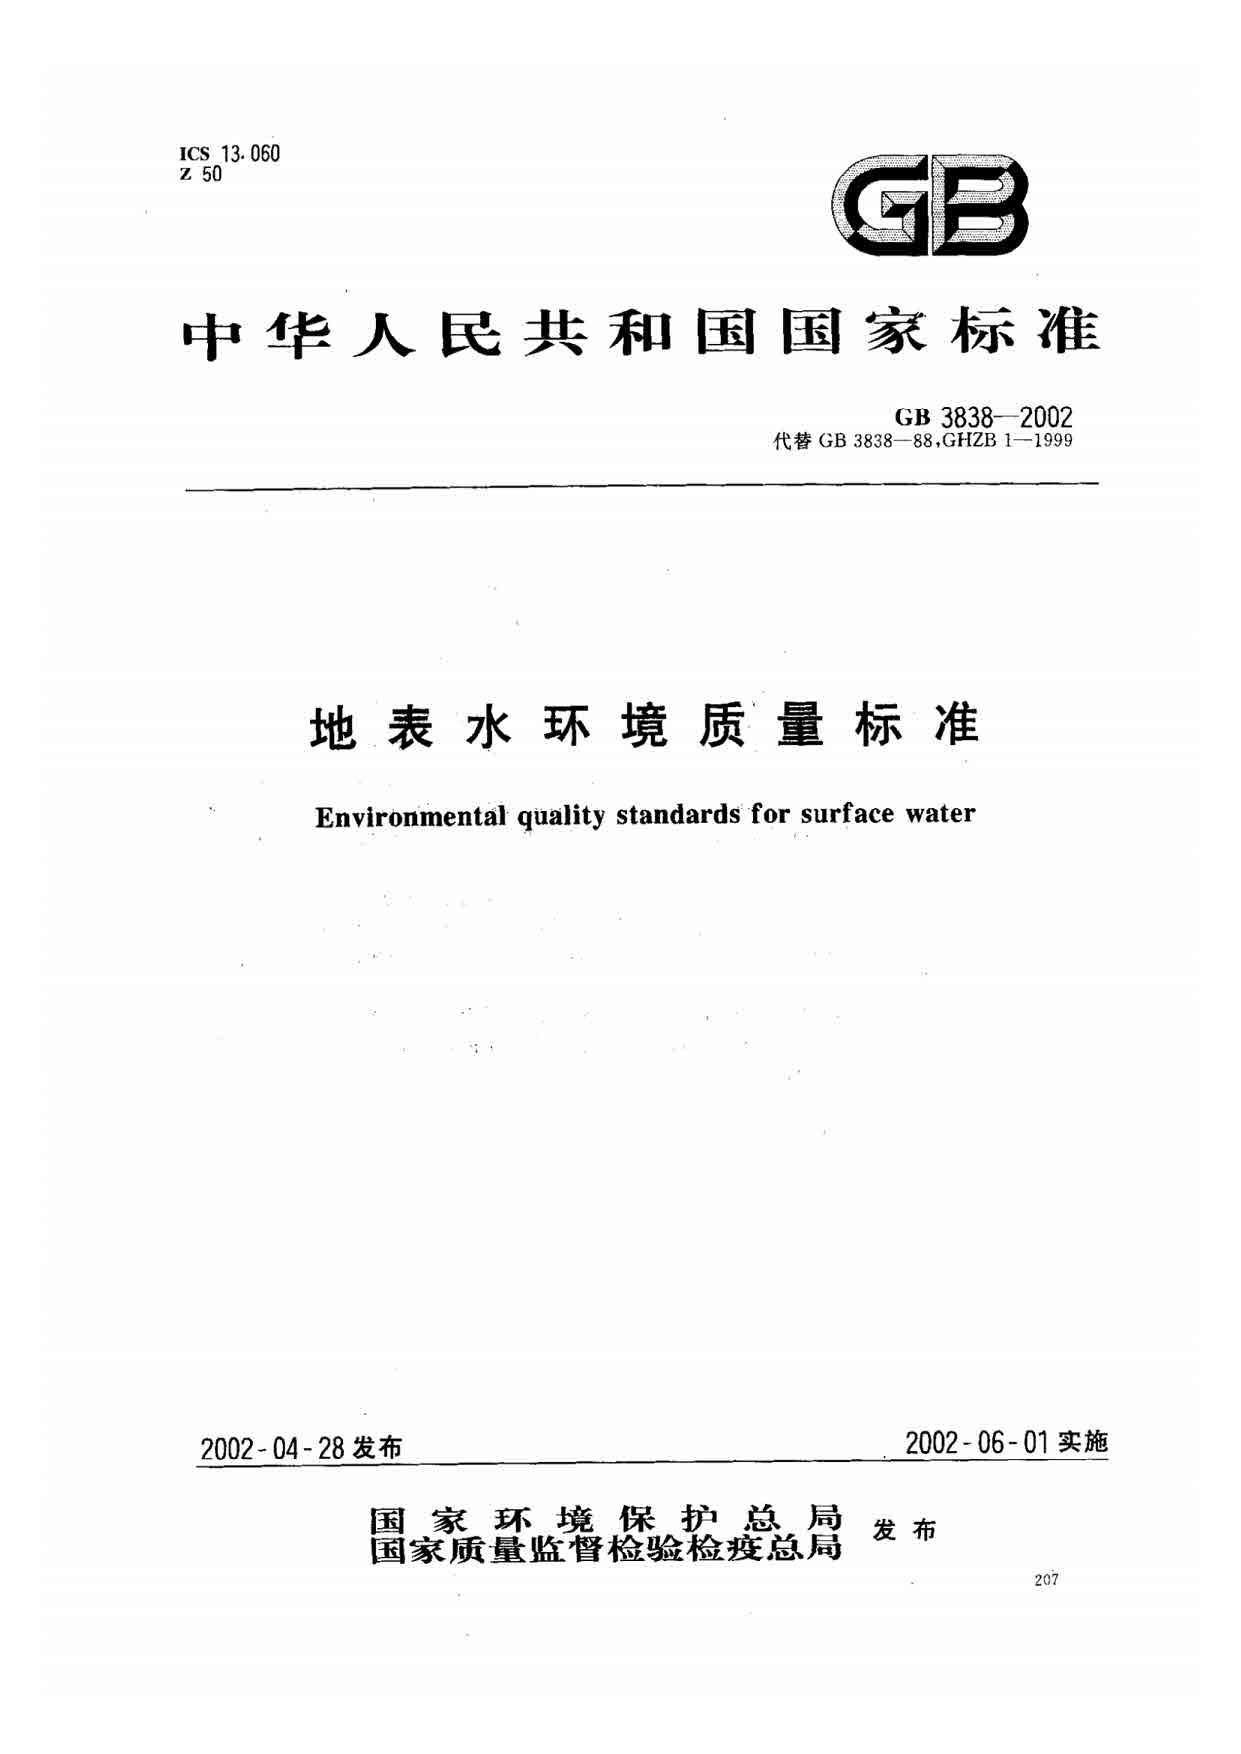 地表水环境质量标准GB3838-2002